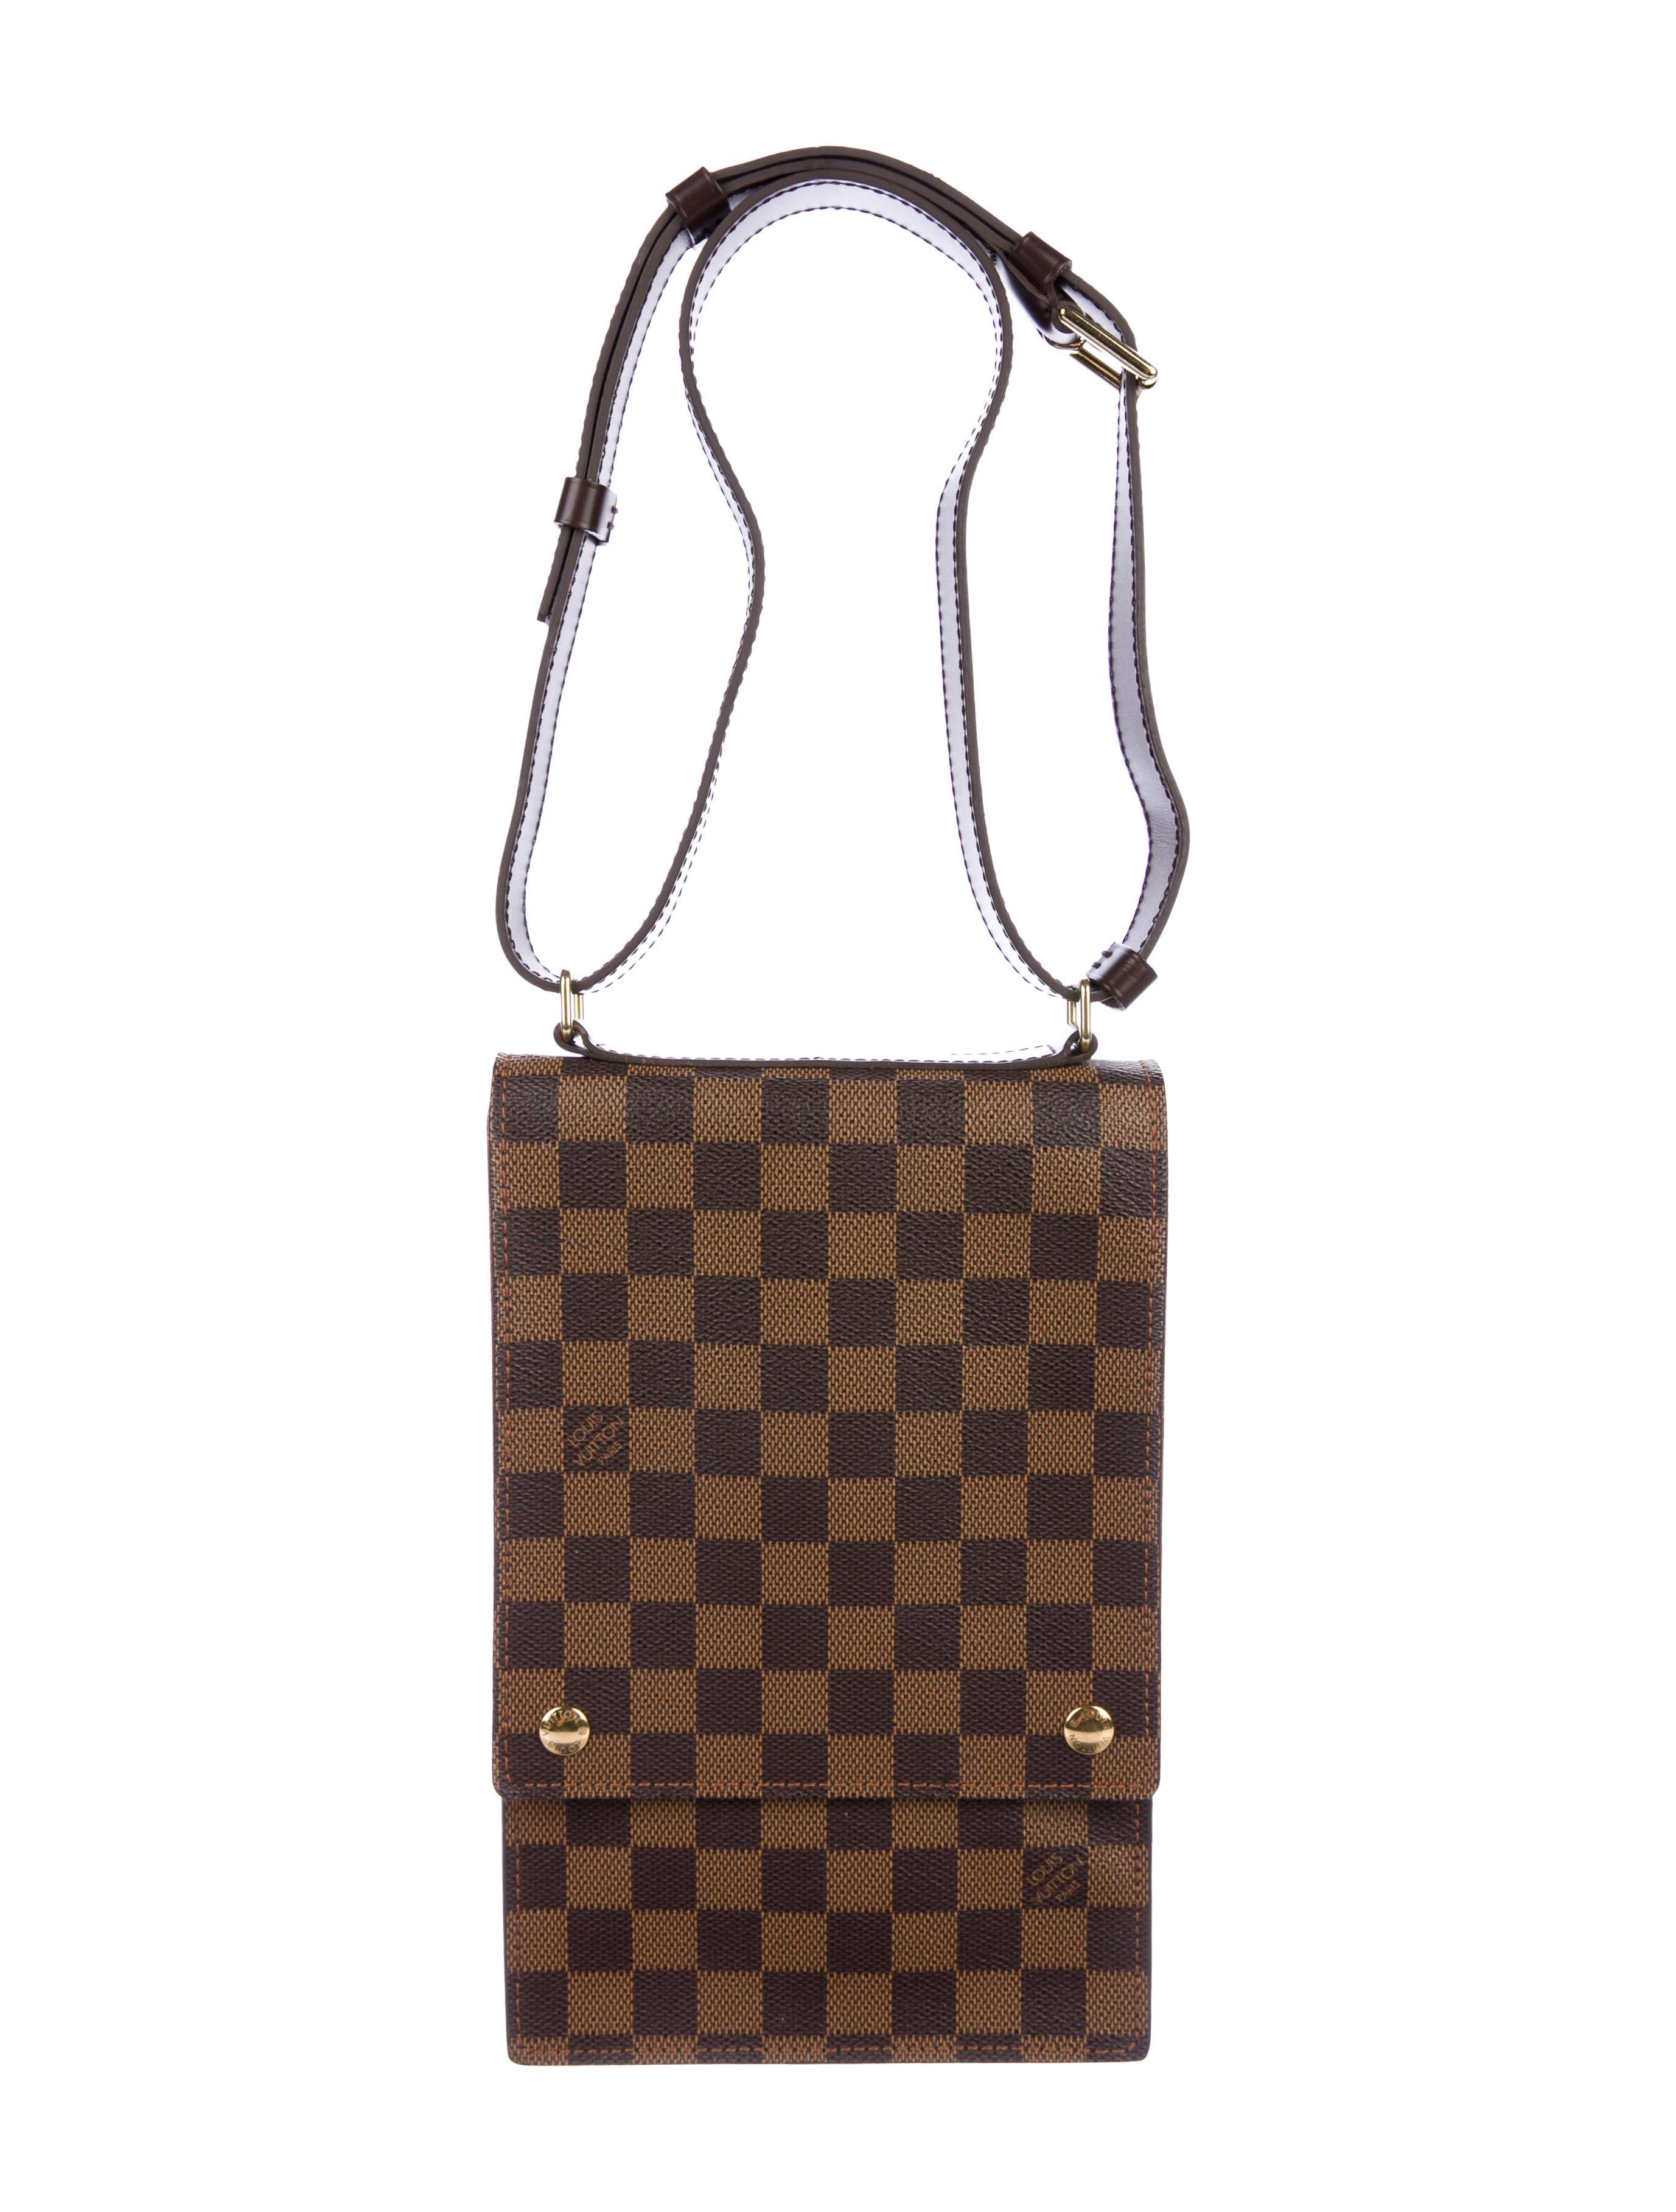 9d7811f54a9a Louis Vuitton Damier Ebene Portobello Crossbody Bag - Handbags ...